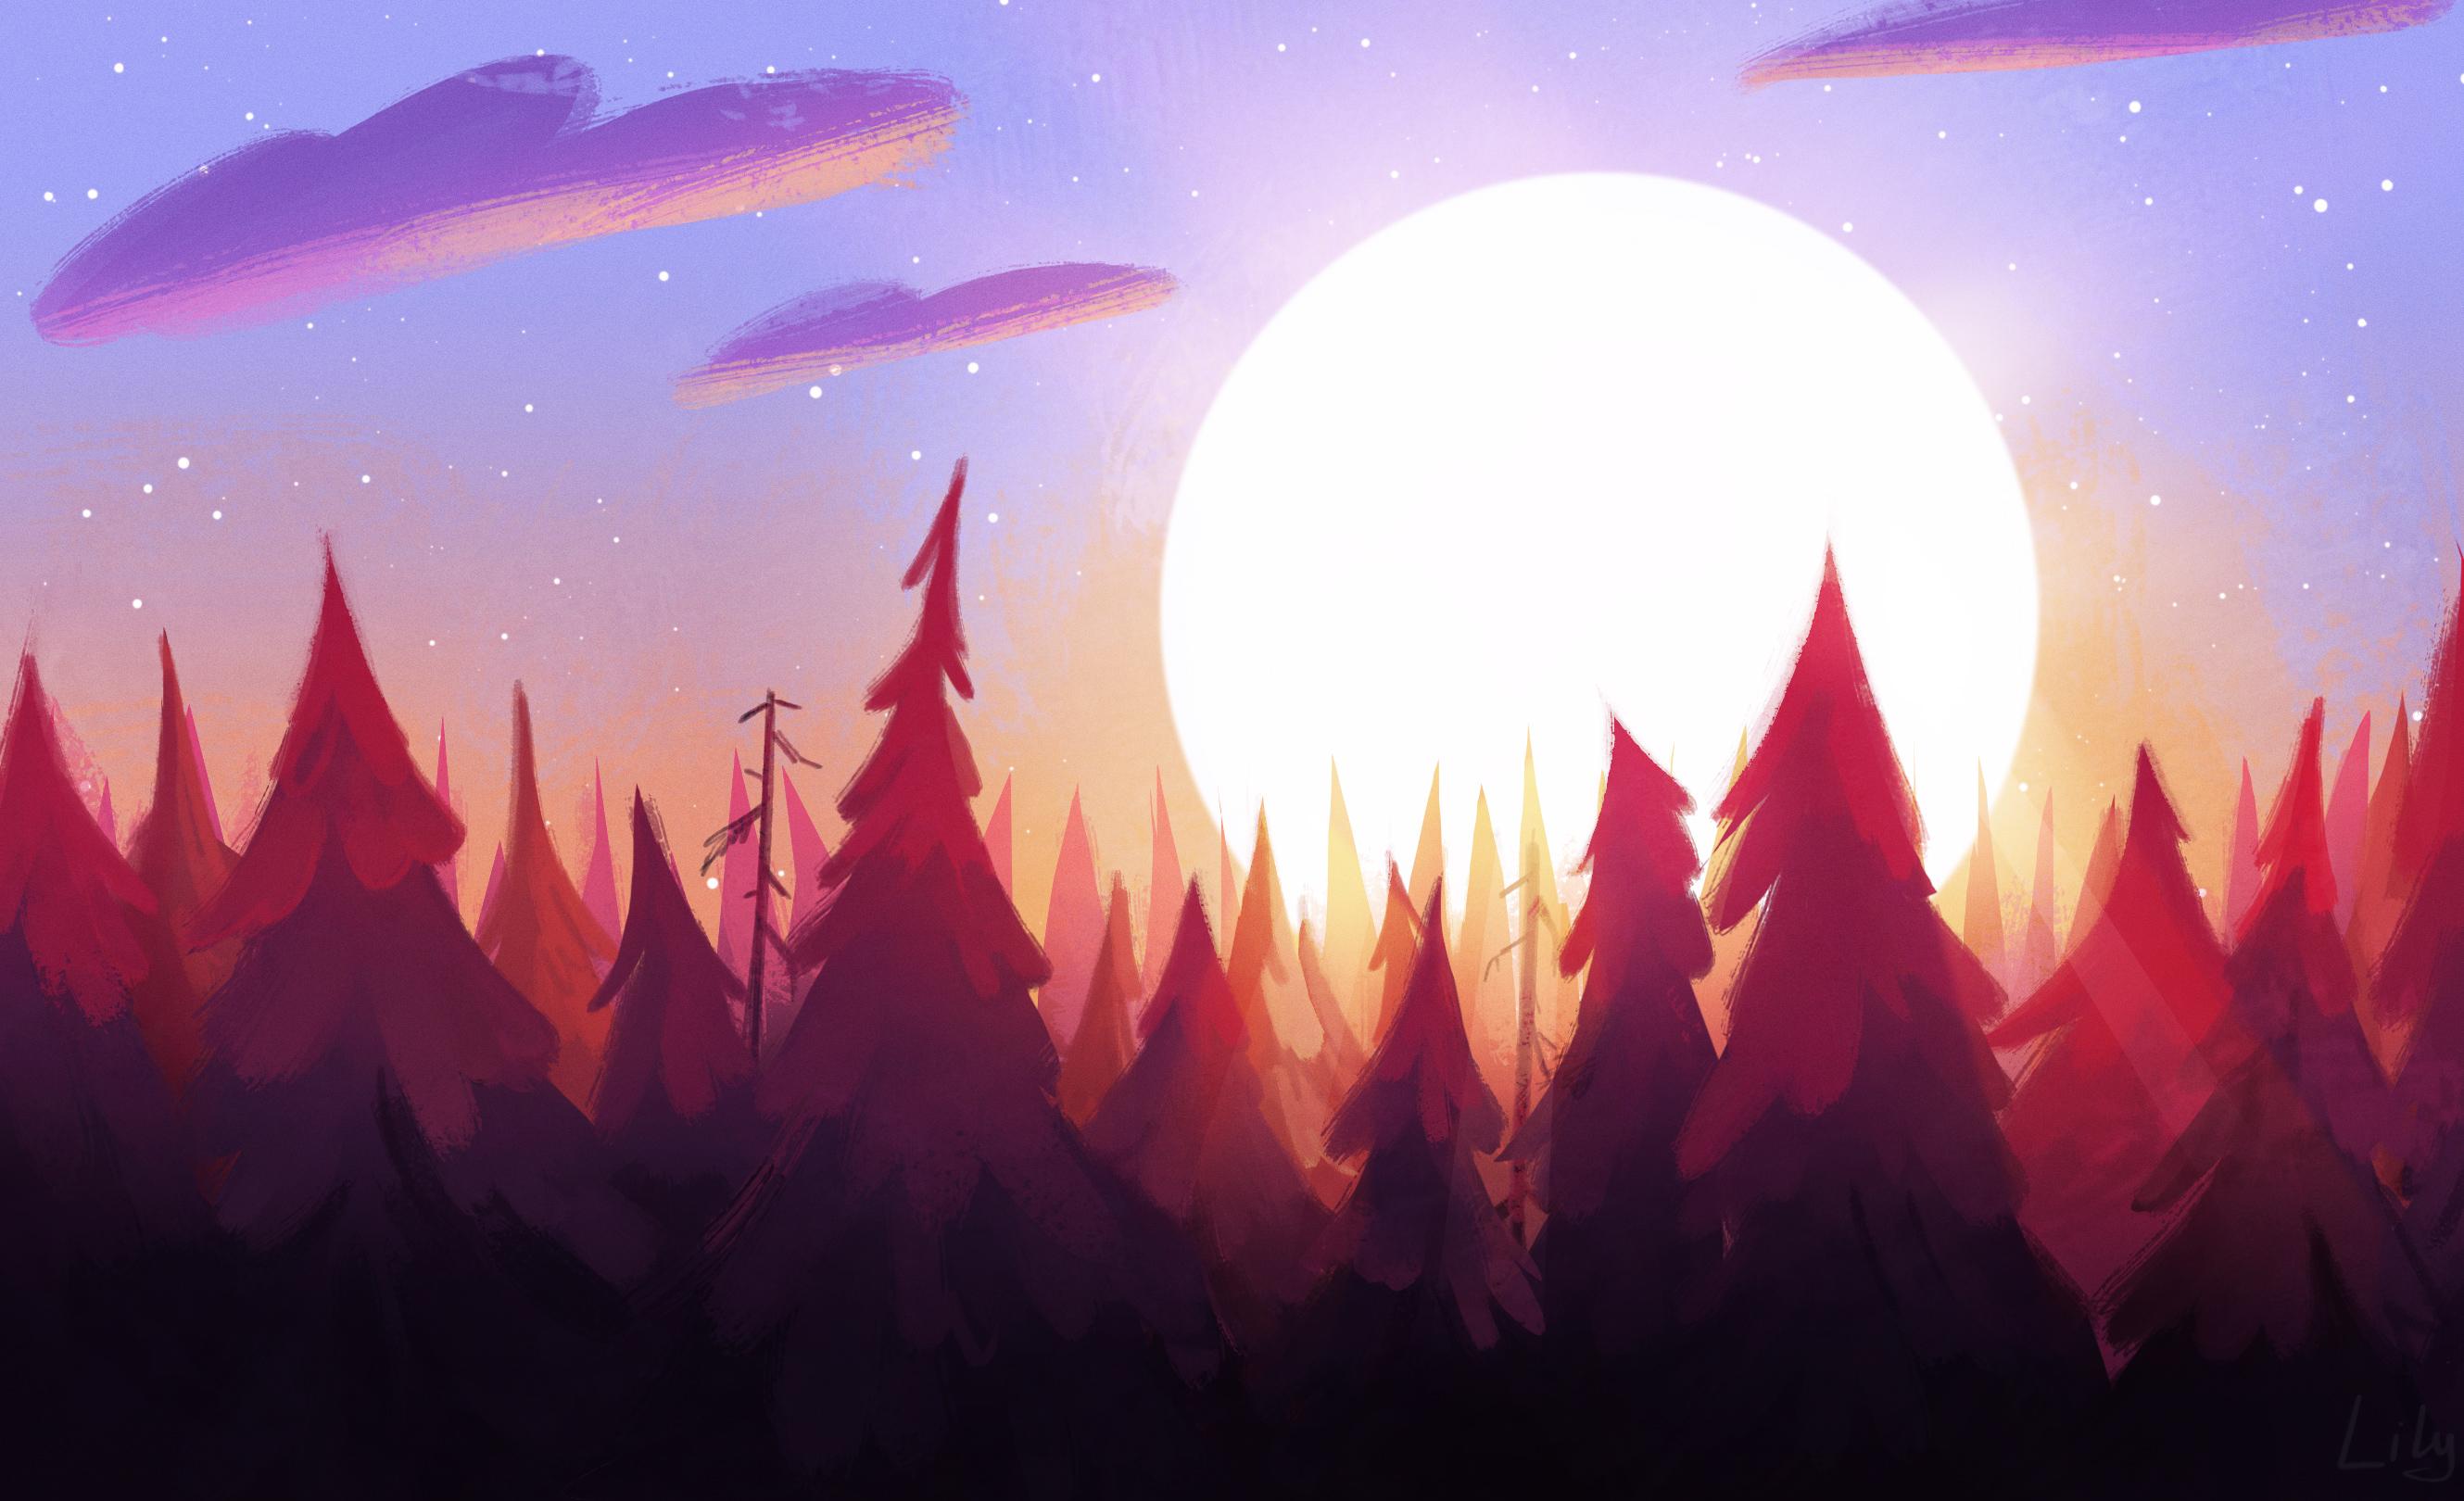 General 2659x1620 digital digital art artwork drawing painting digital painting Sun sun rays morning sunrise forest trees clouds dusk dark nature landscape illustration